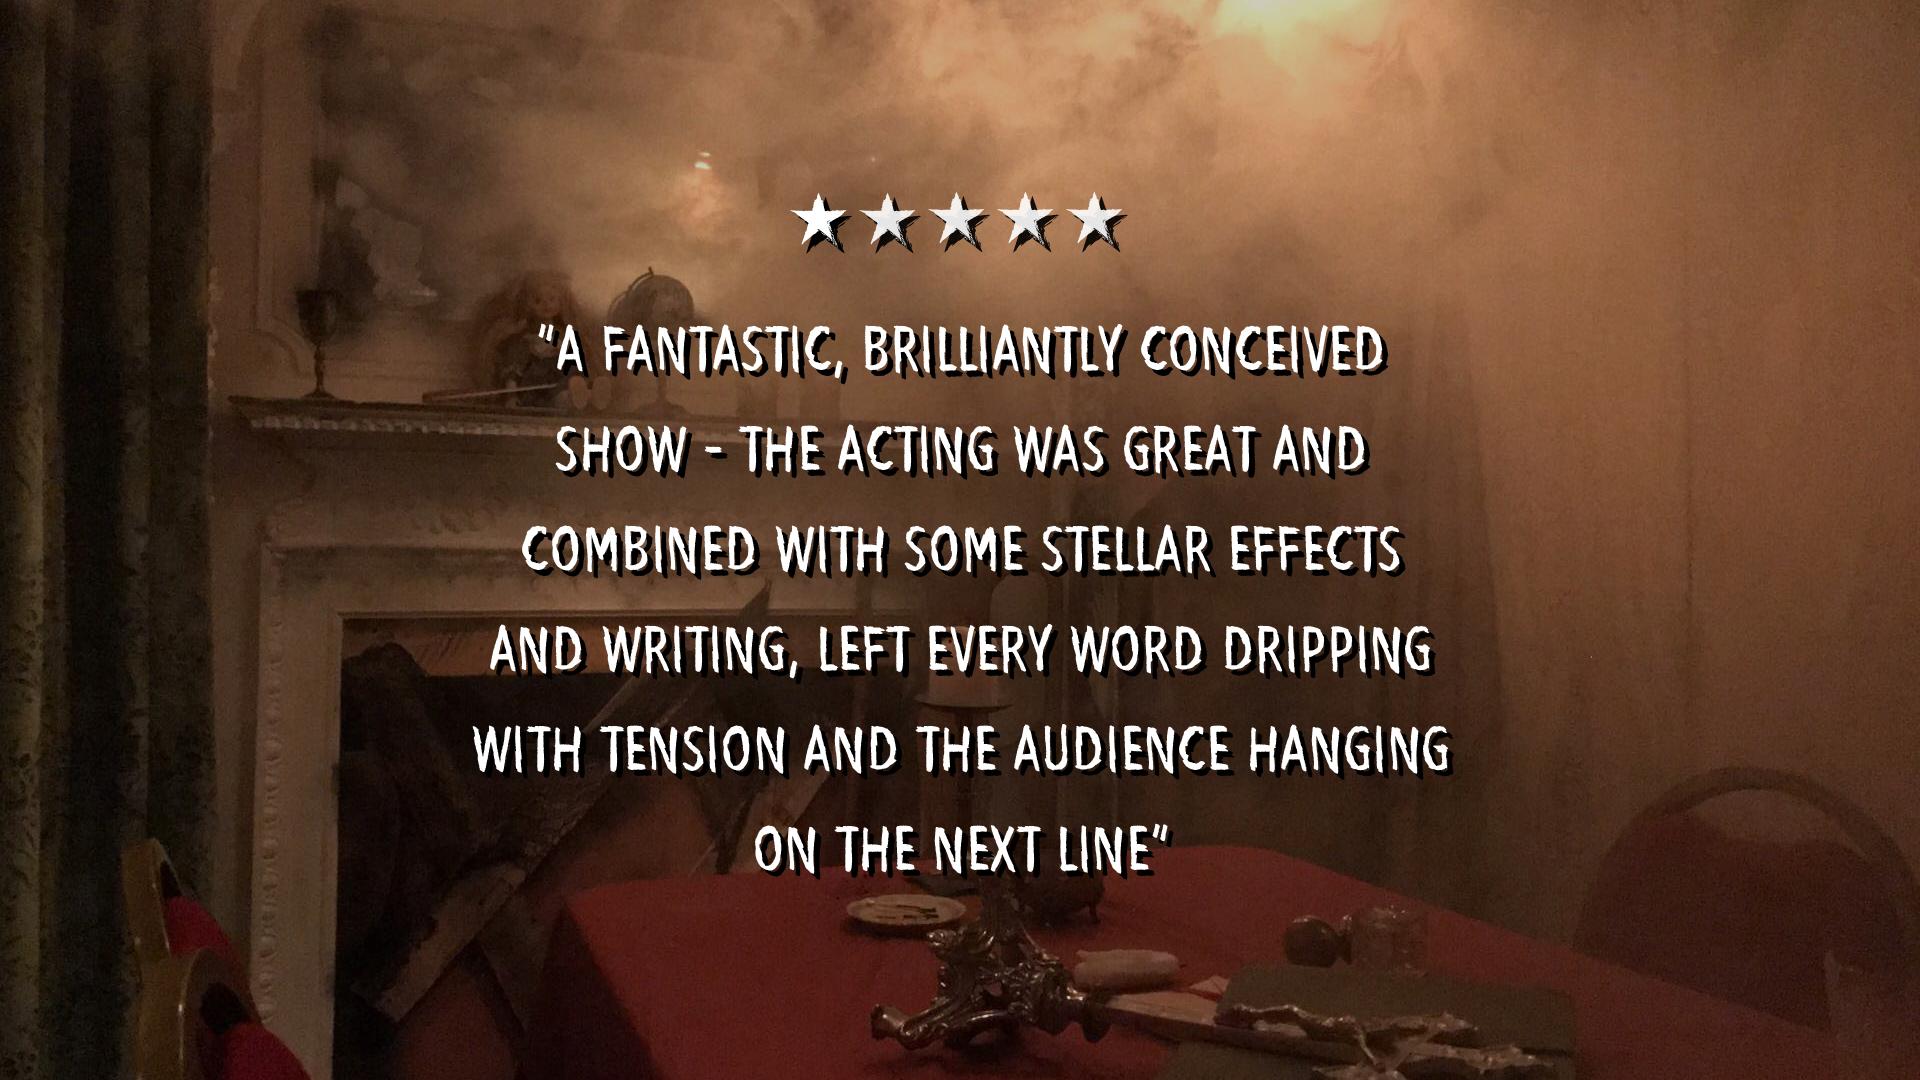 Review Dan Drysdale 02-02-19.png